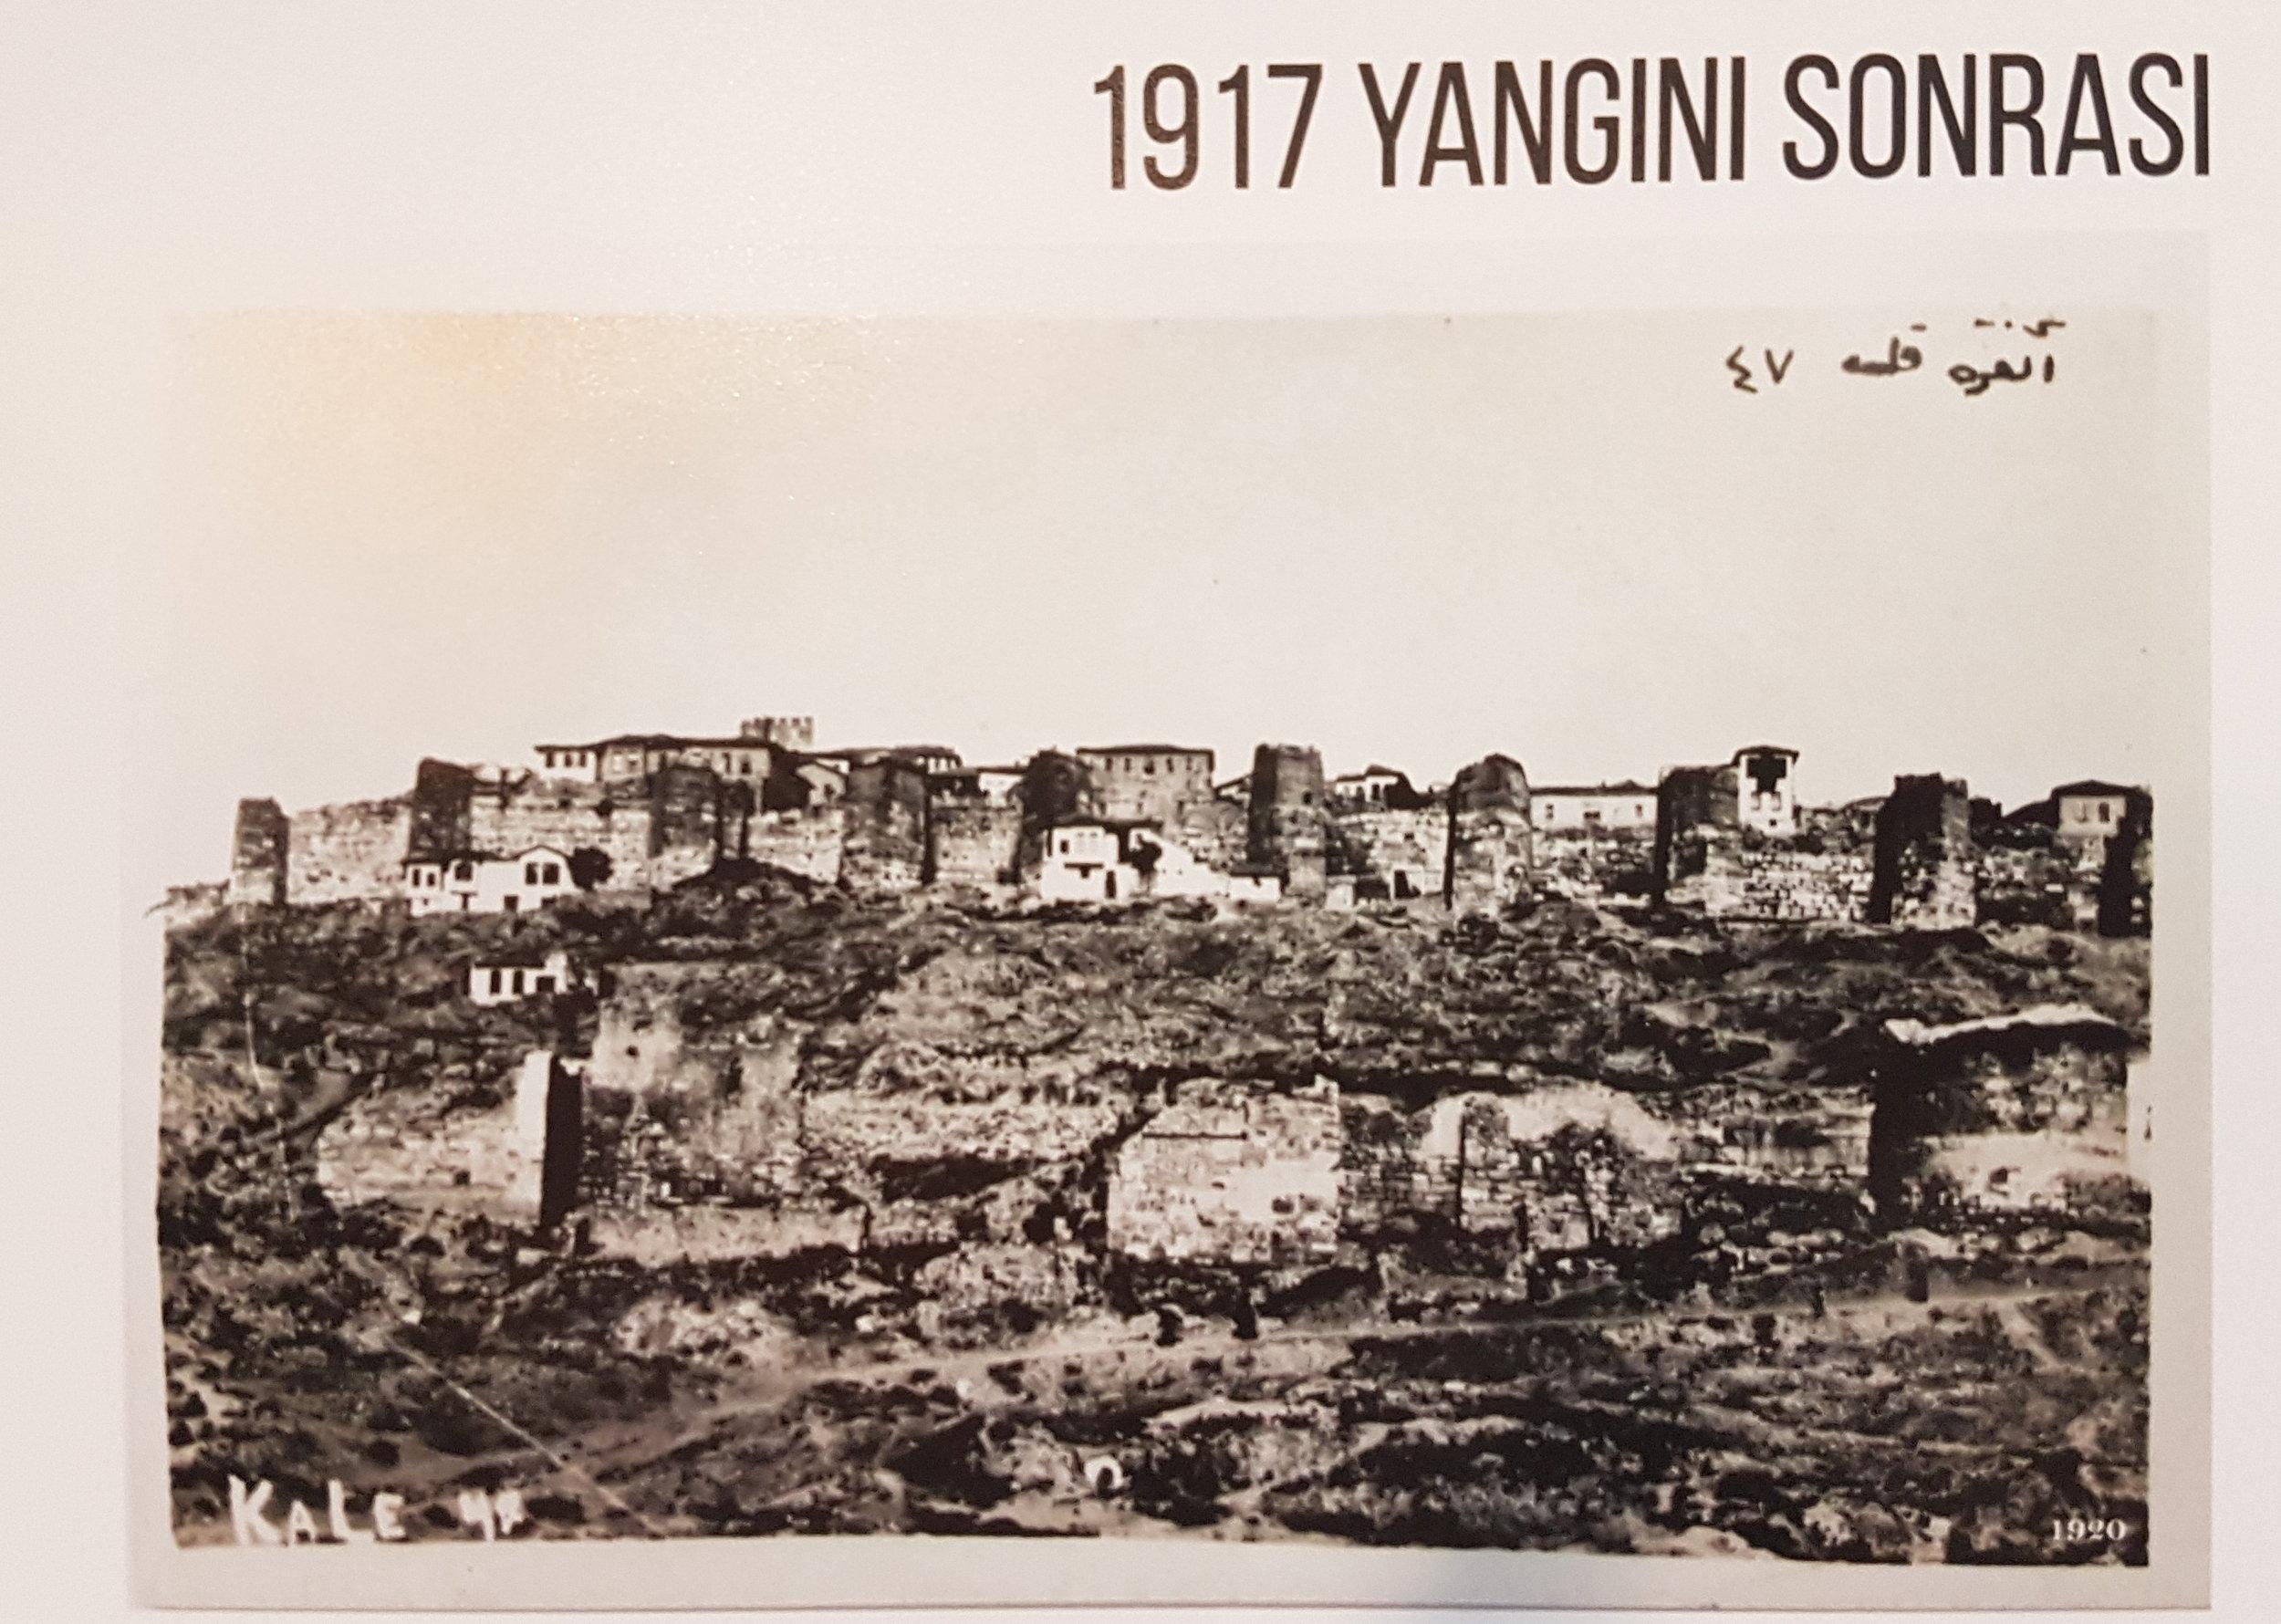 1920'de Ankara Kalesi'nin Görünümü - Kaynak: Baykan Günay Arşivi